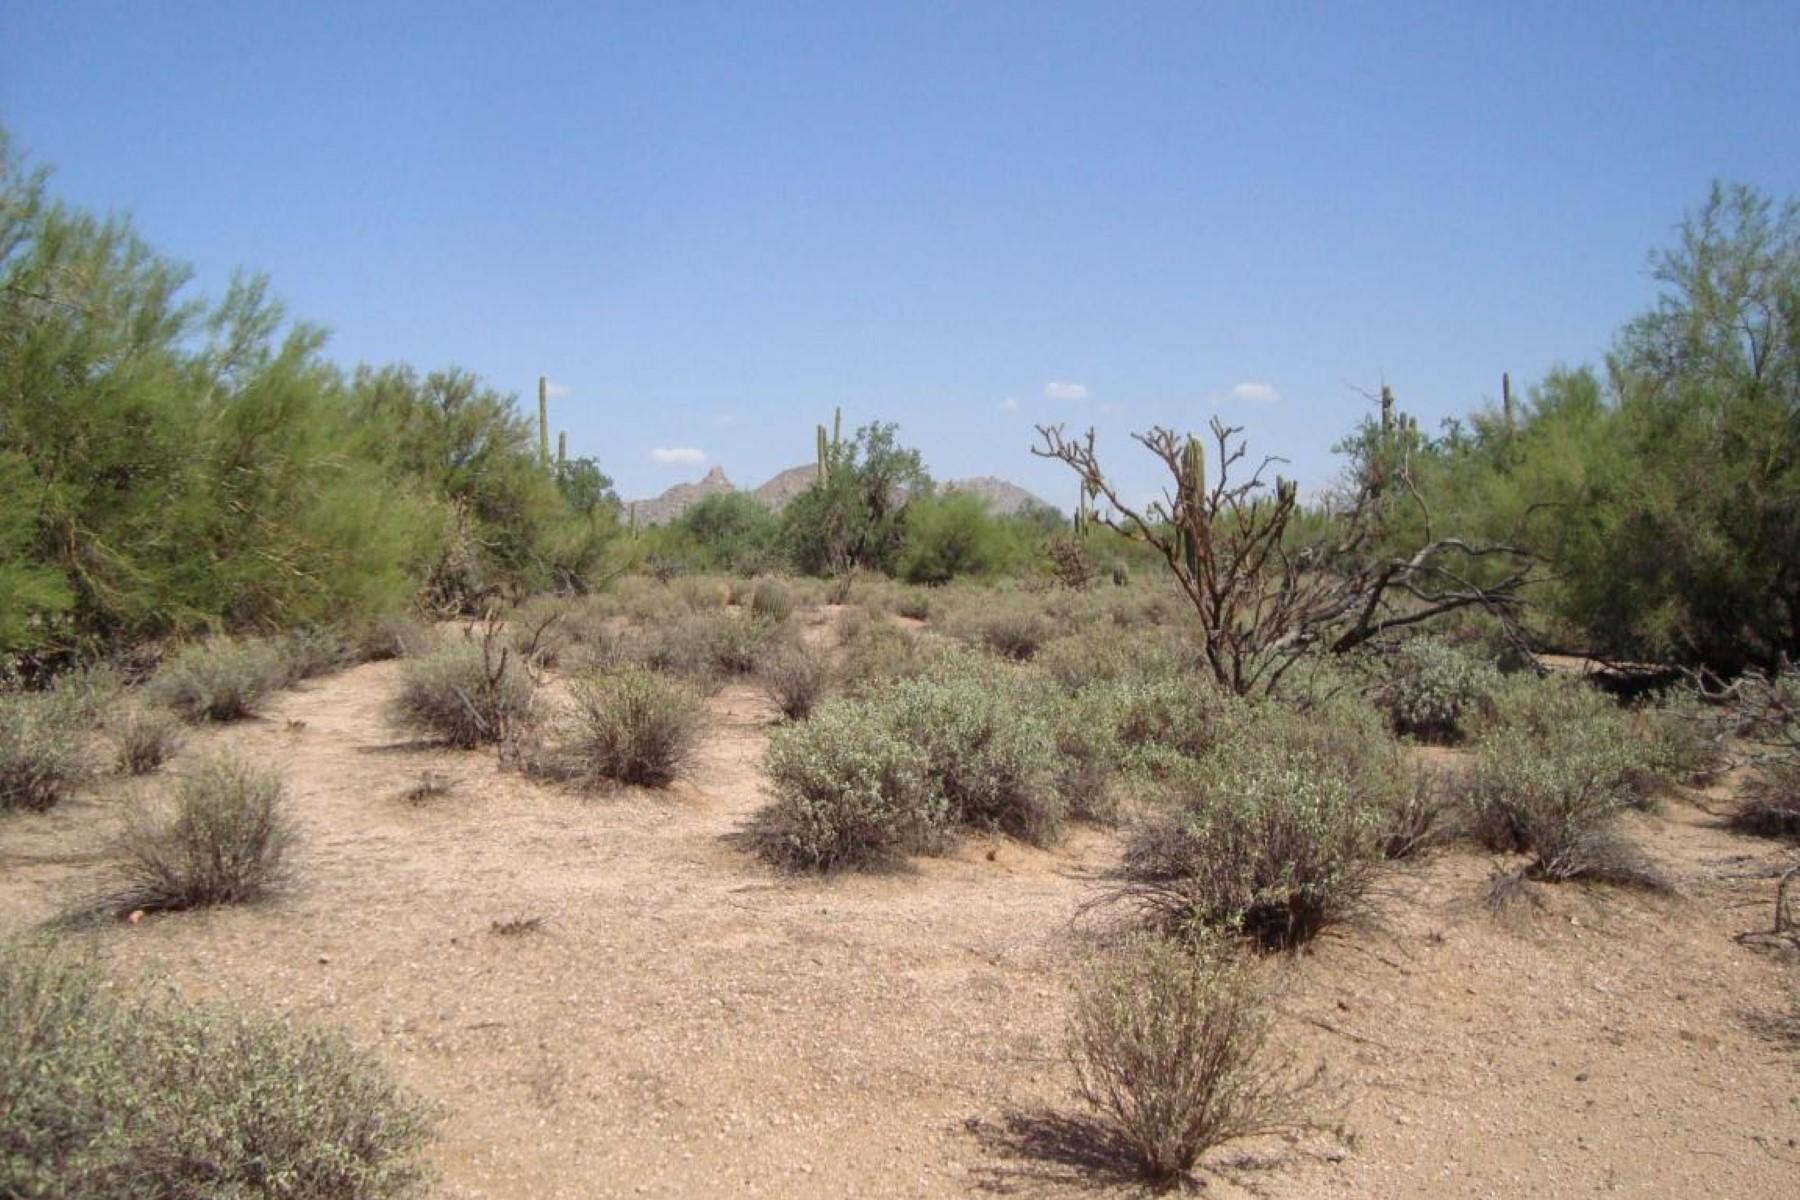 Land für Verkauf beim A perfect 2.5 acre parcel ready for you to build that dream home. 27XXX N 77th ST 2.5 AC Scottsdale, Arizona, 85266 Vereinigte Staaten